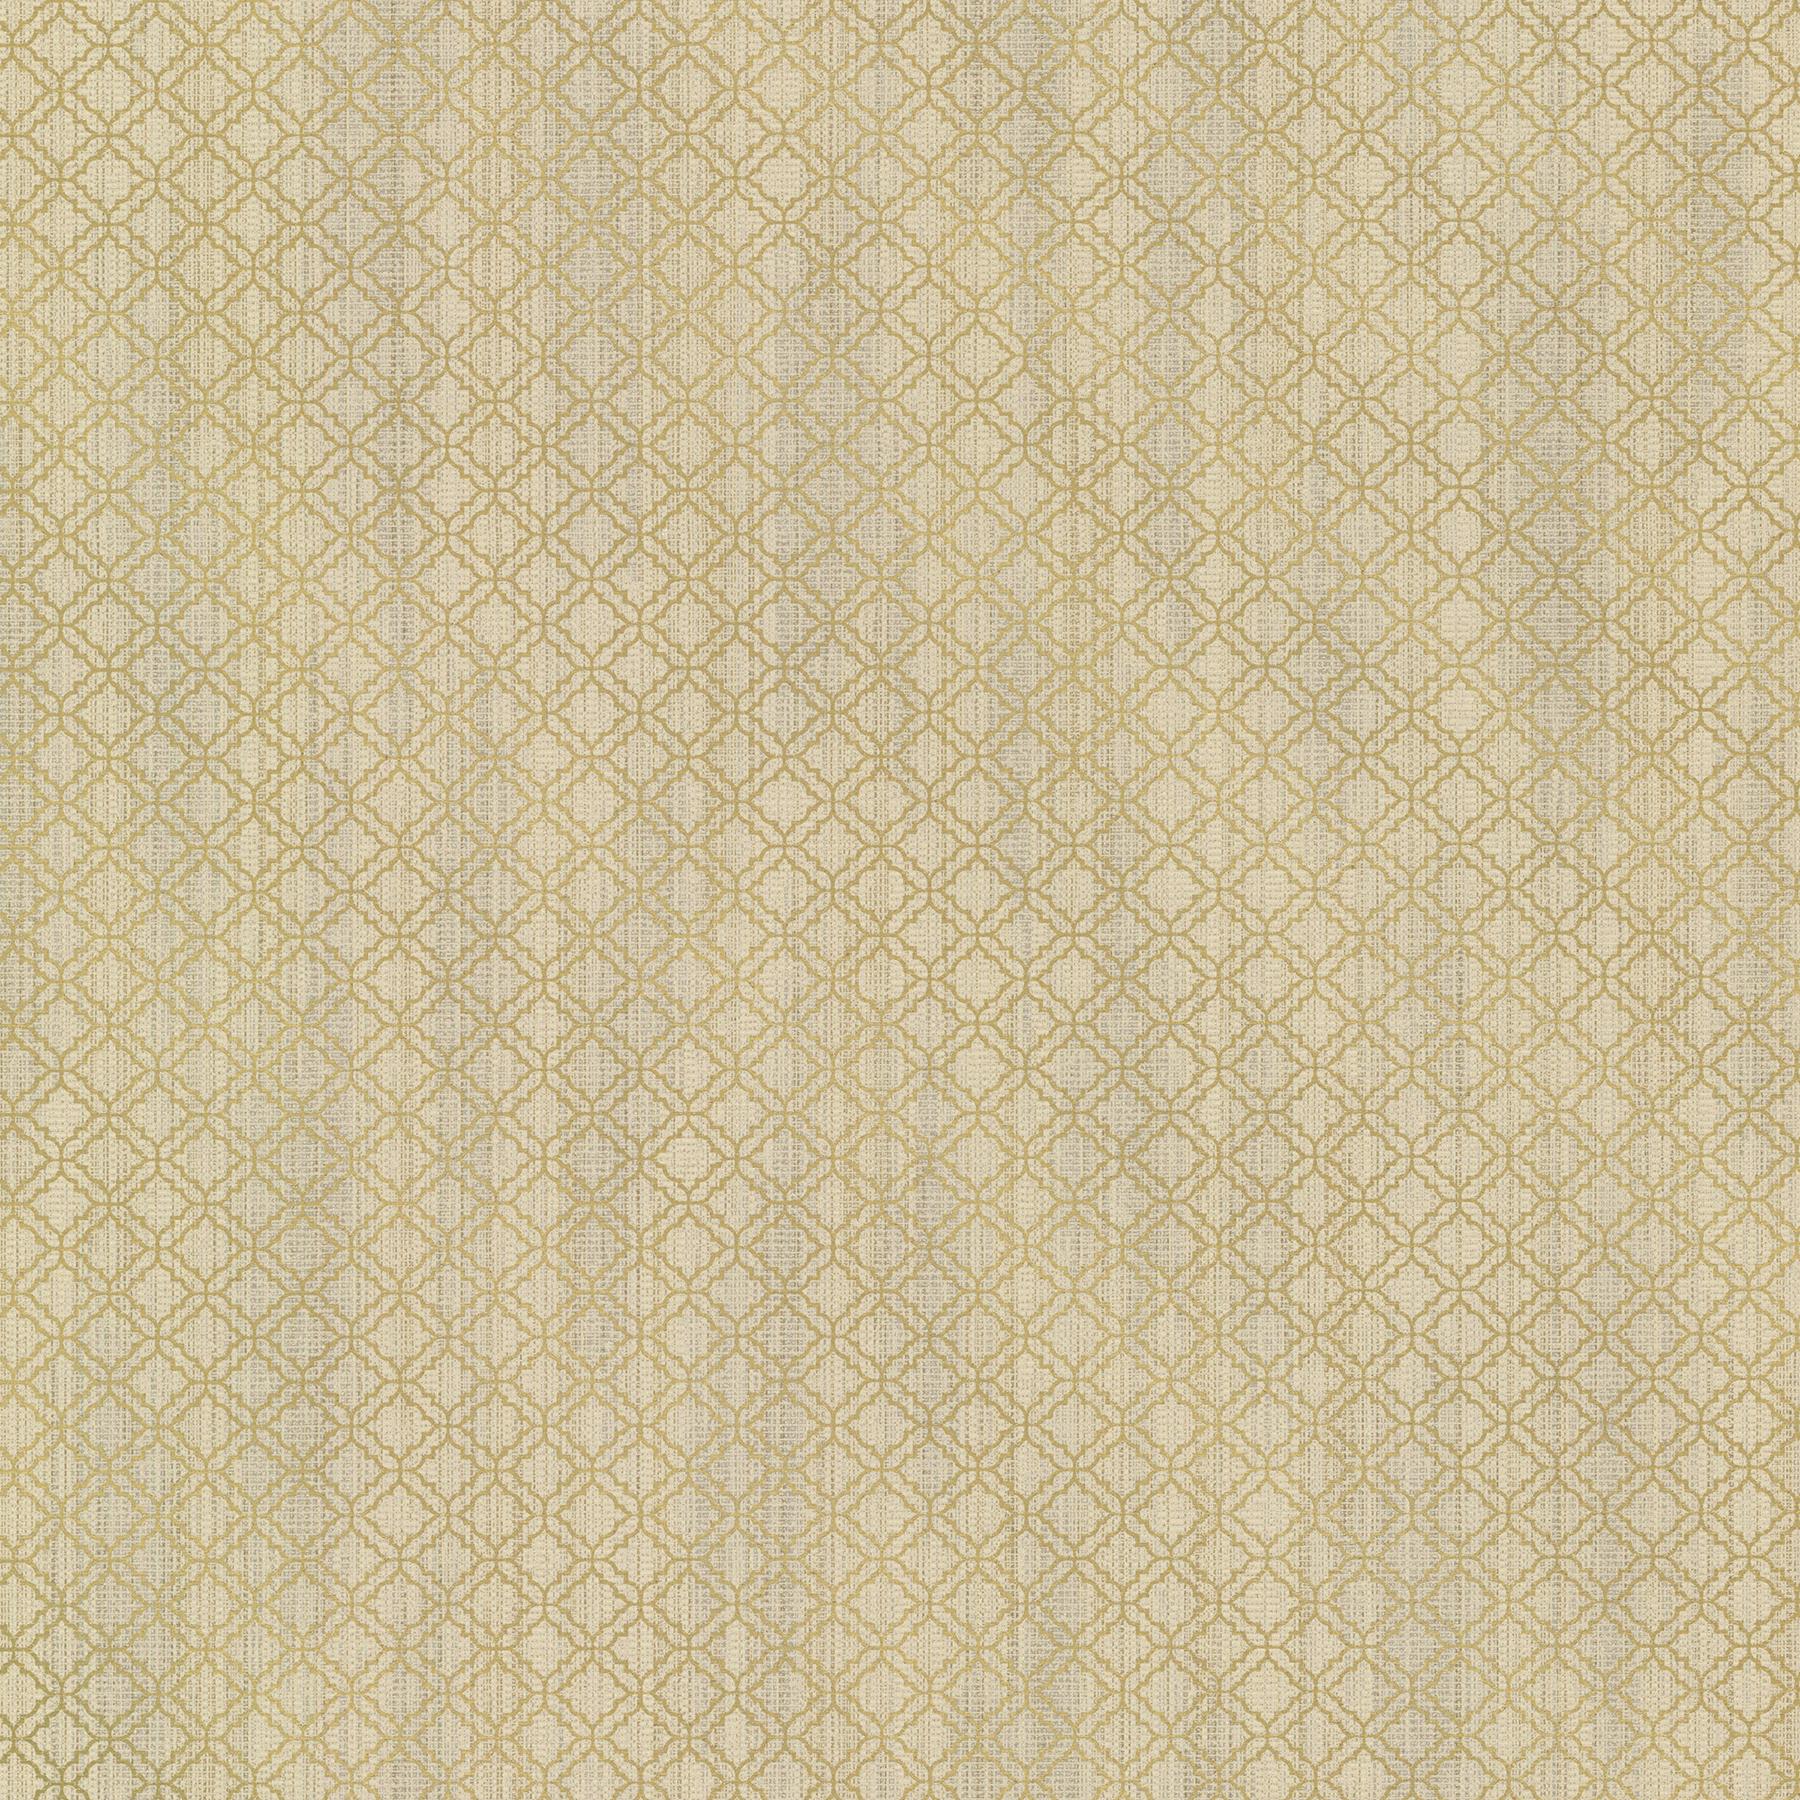 Picture of Berkeley Gold Trellis Wallpaper